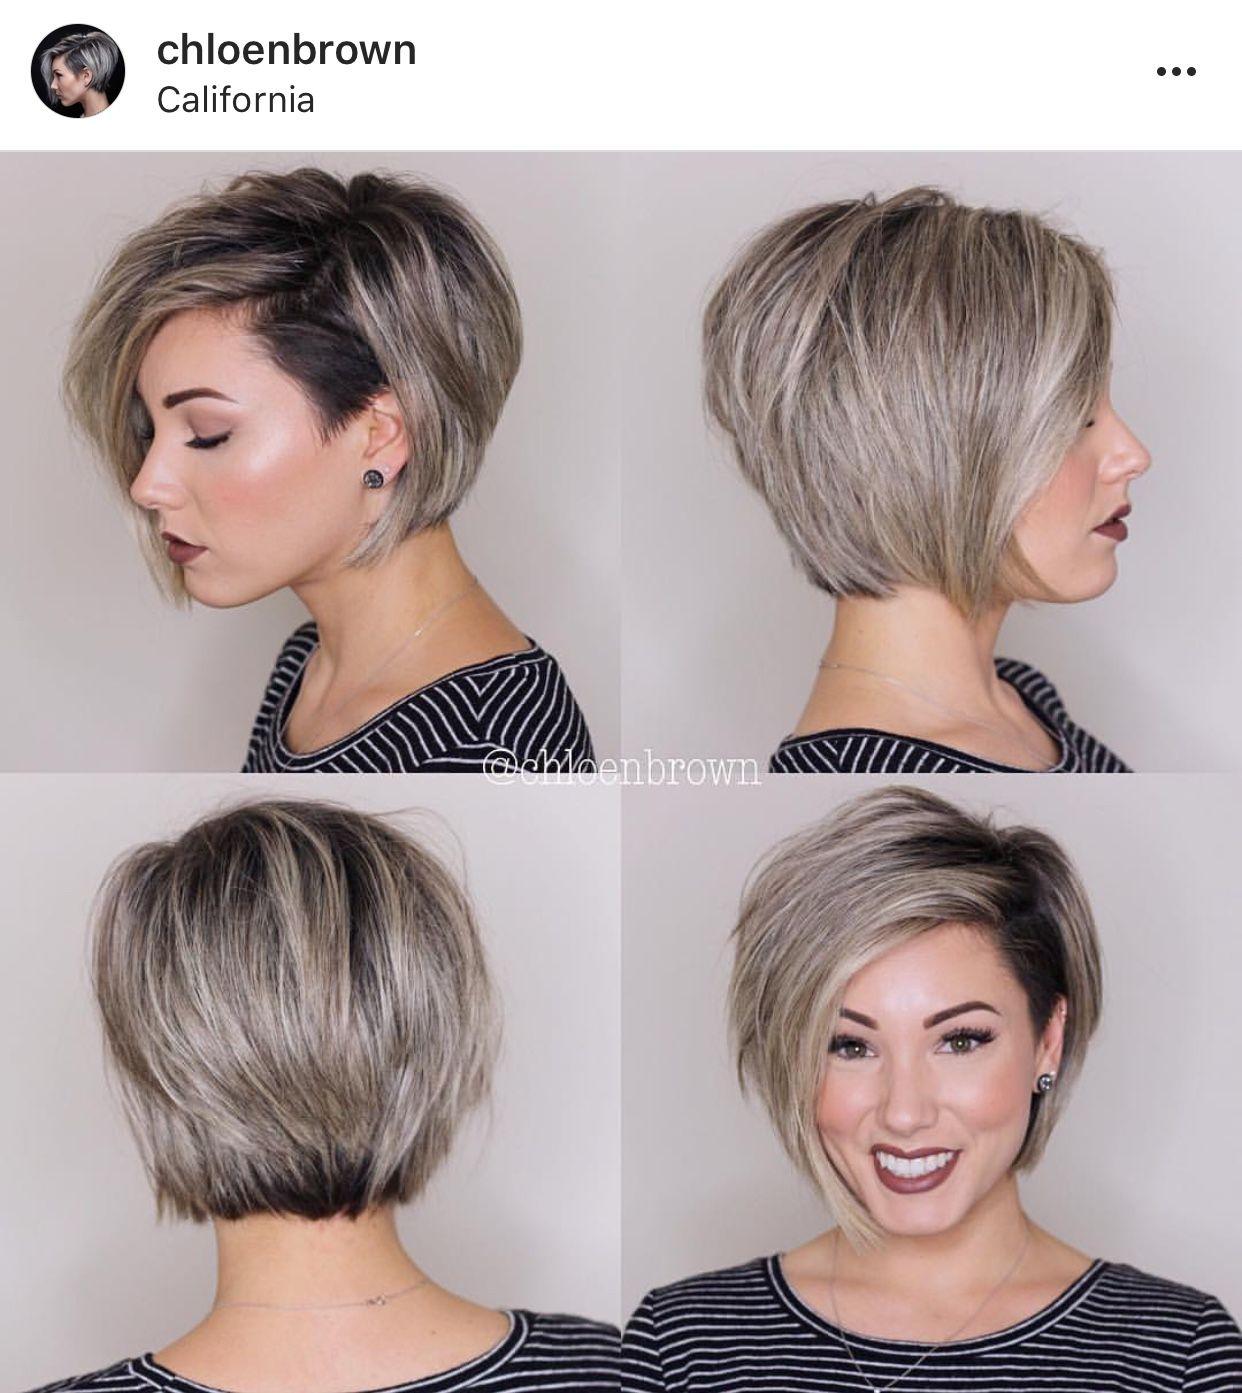 Frisuren Frisuren Haarschnitte Frisur Ideen Frisur Kurz Rundes Gesicht